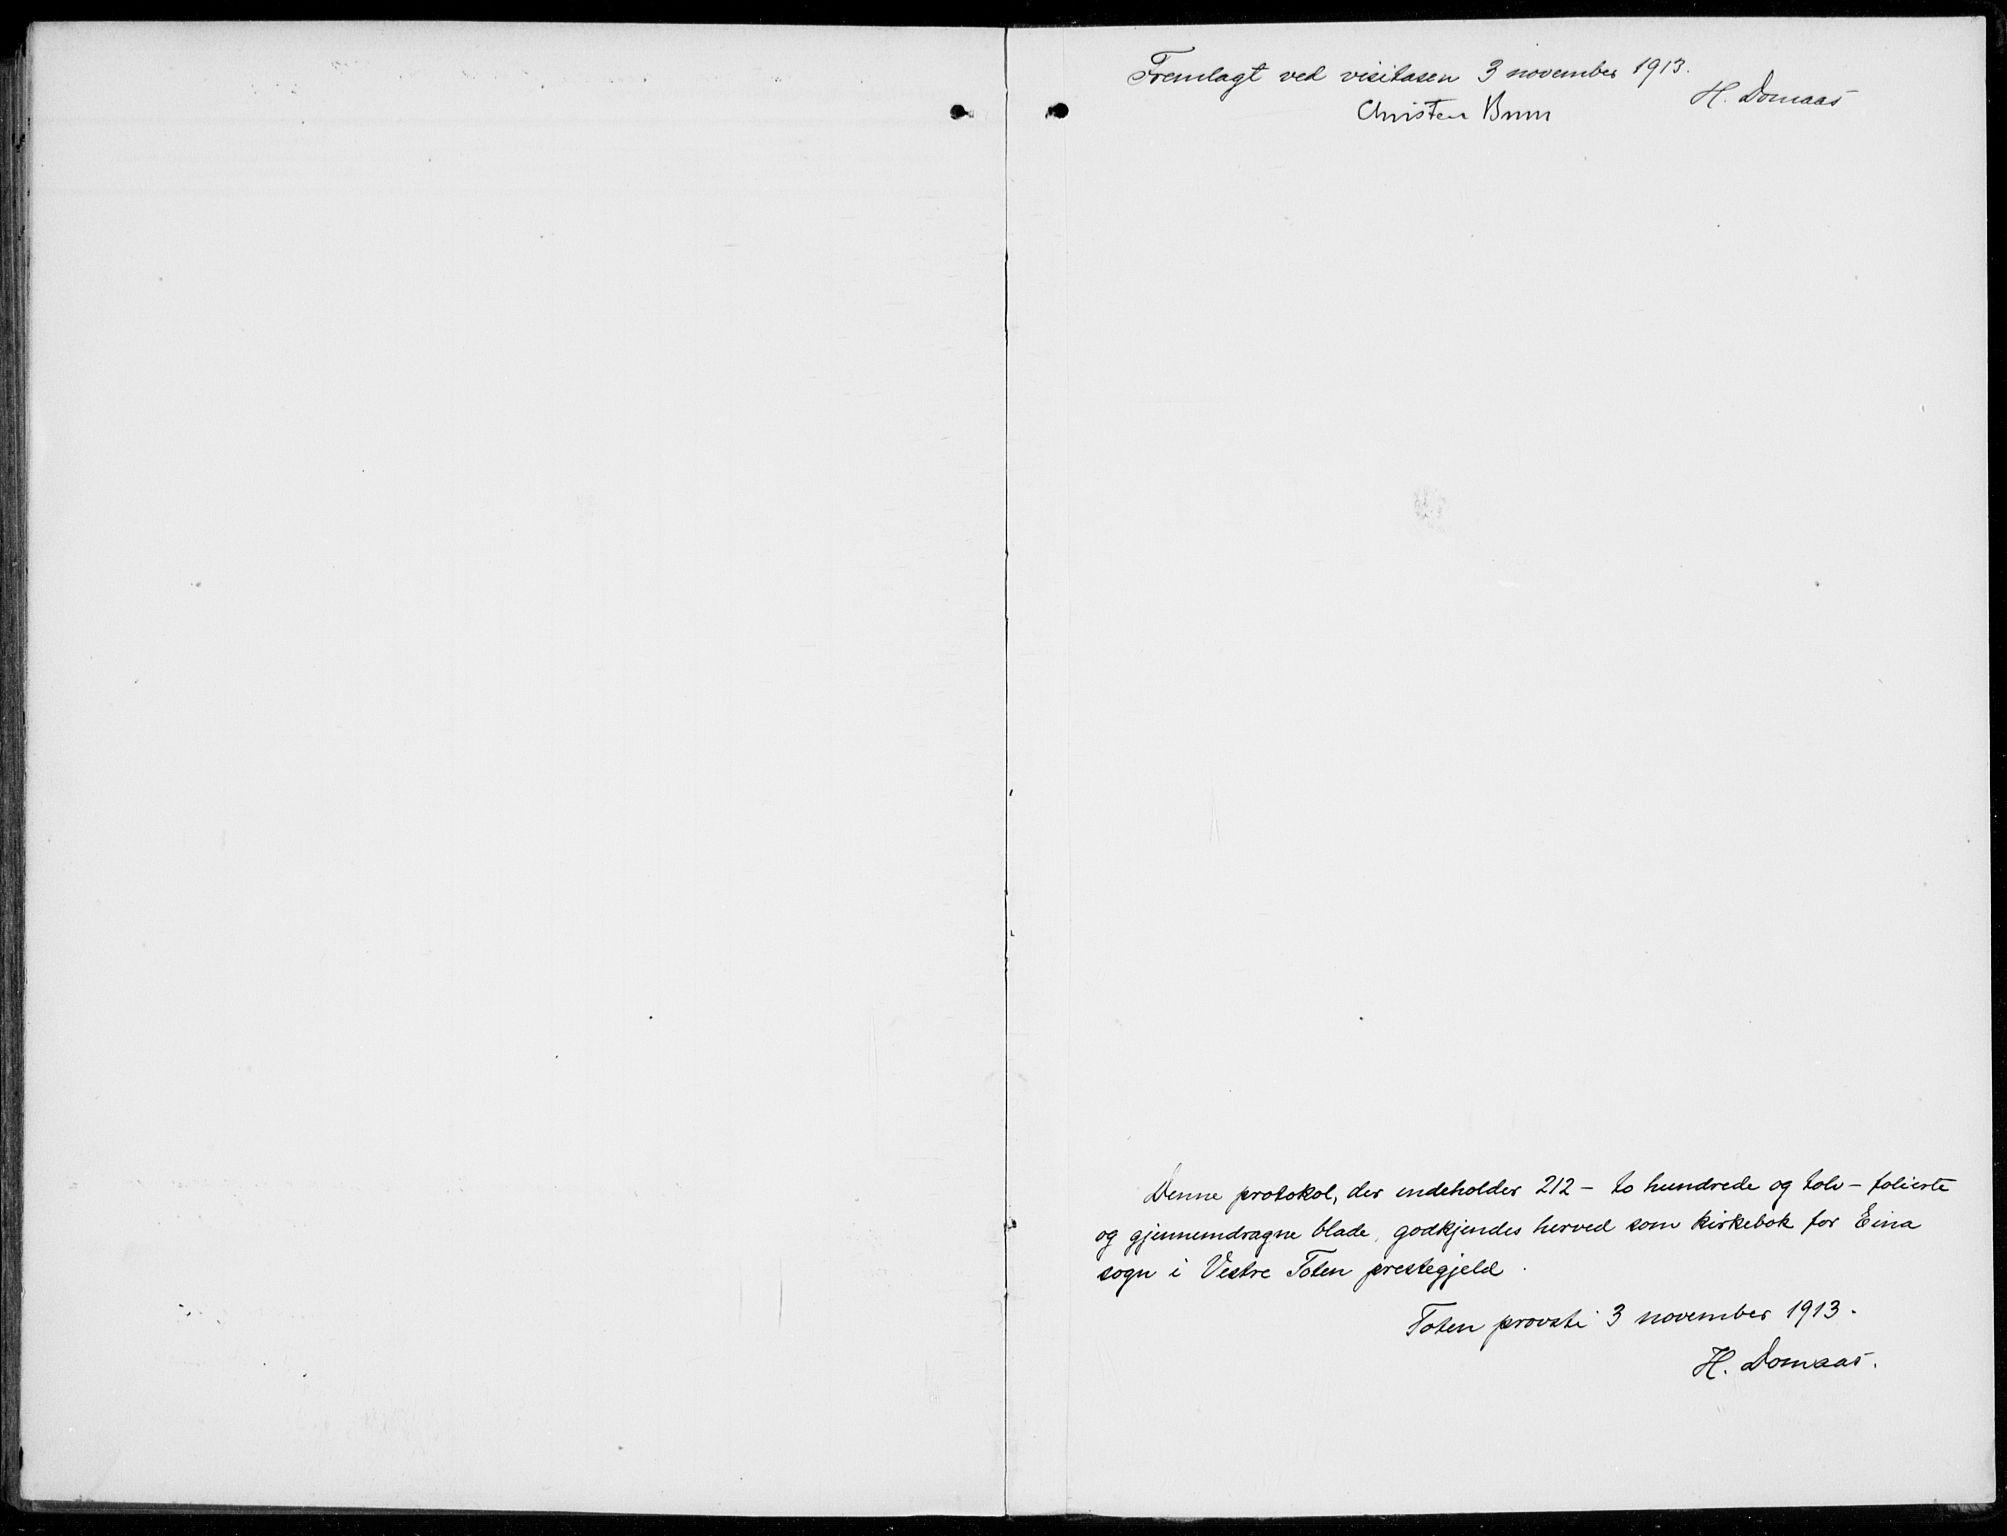 SAH, Kolbu prestekontor, Ministerialbok nr. 1, 1907-1923